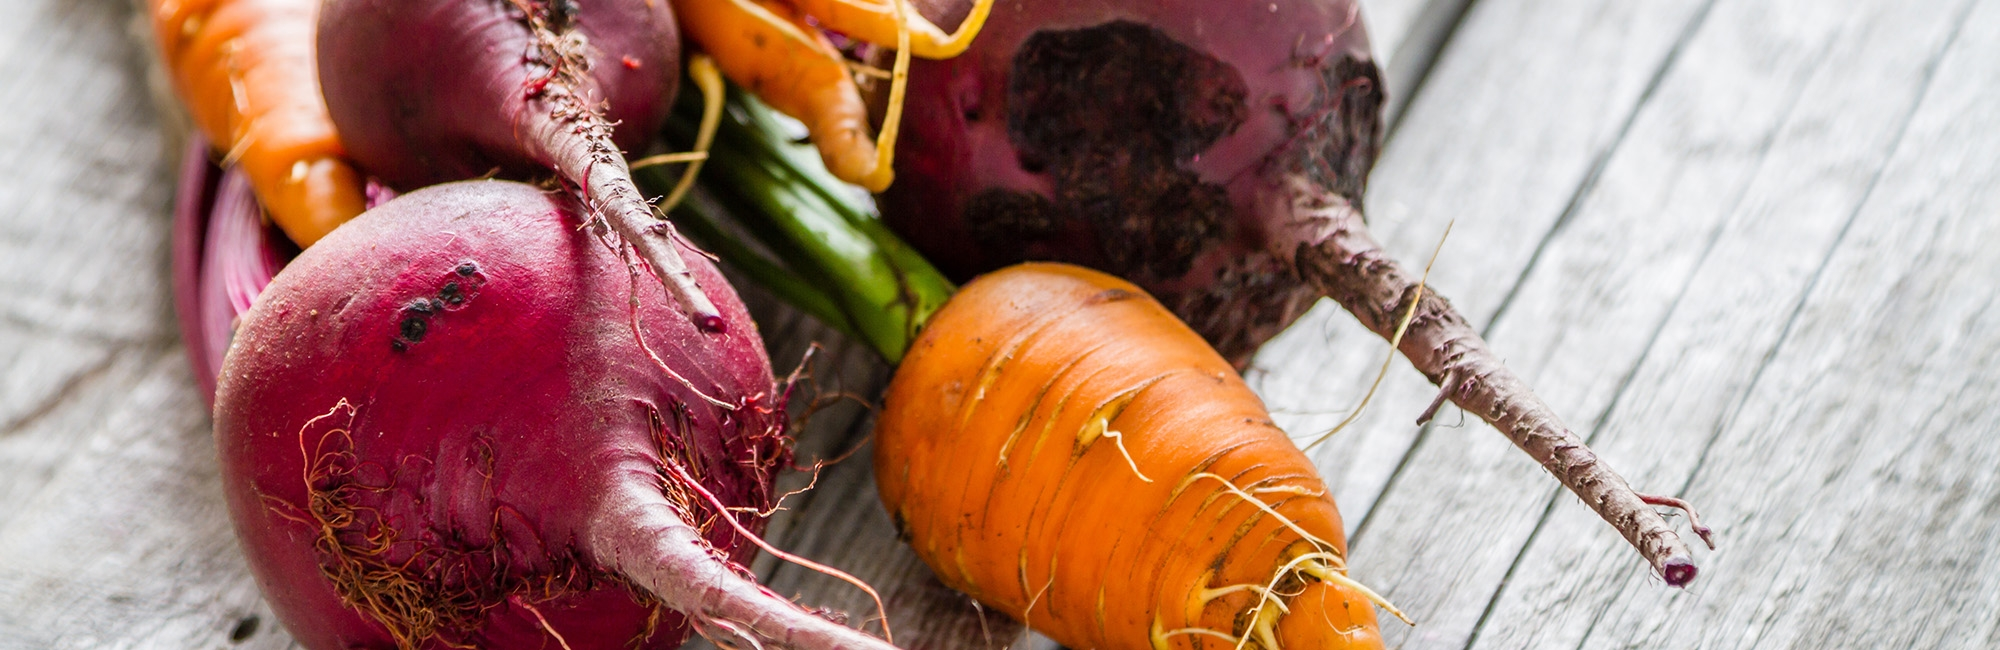 De winter is ook (en vooral) het groenteseizoen bij uitstek